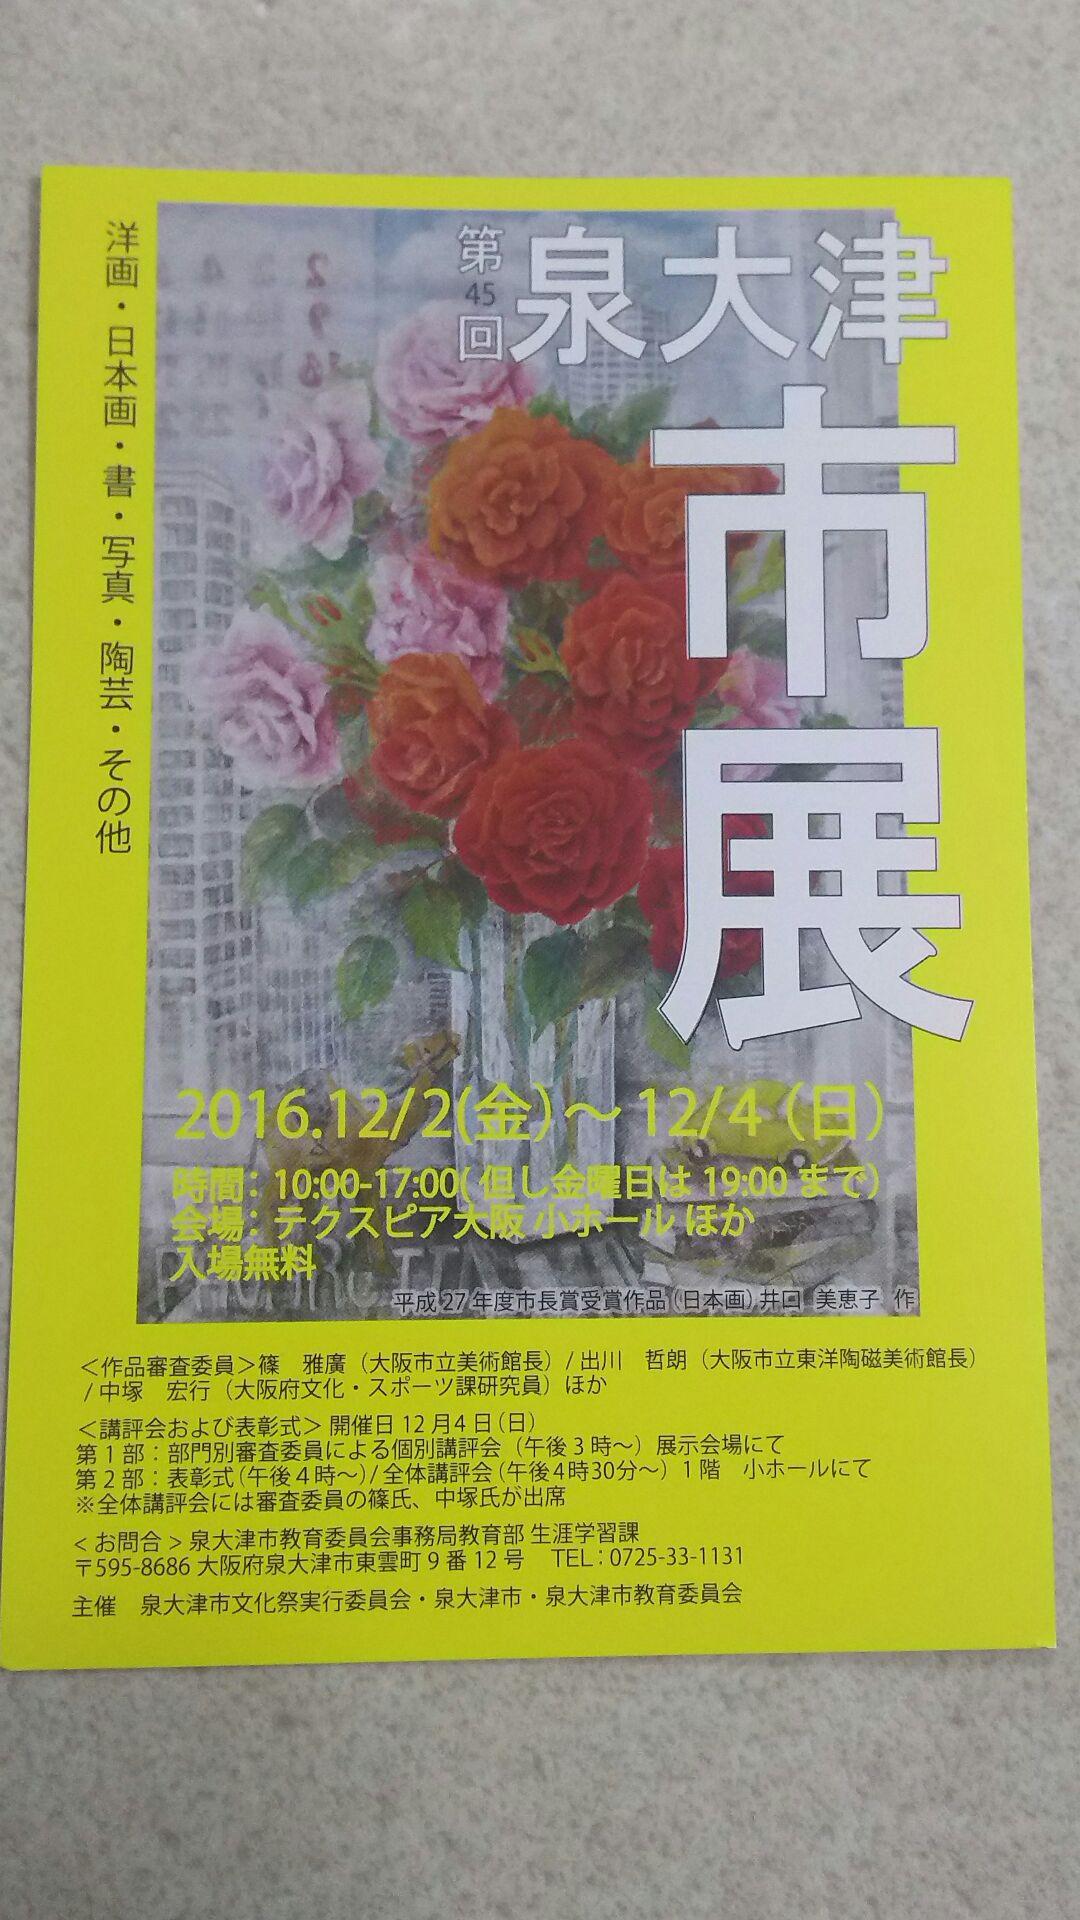 泉大津市展_a0288226_137046.jpg